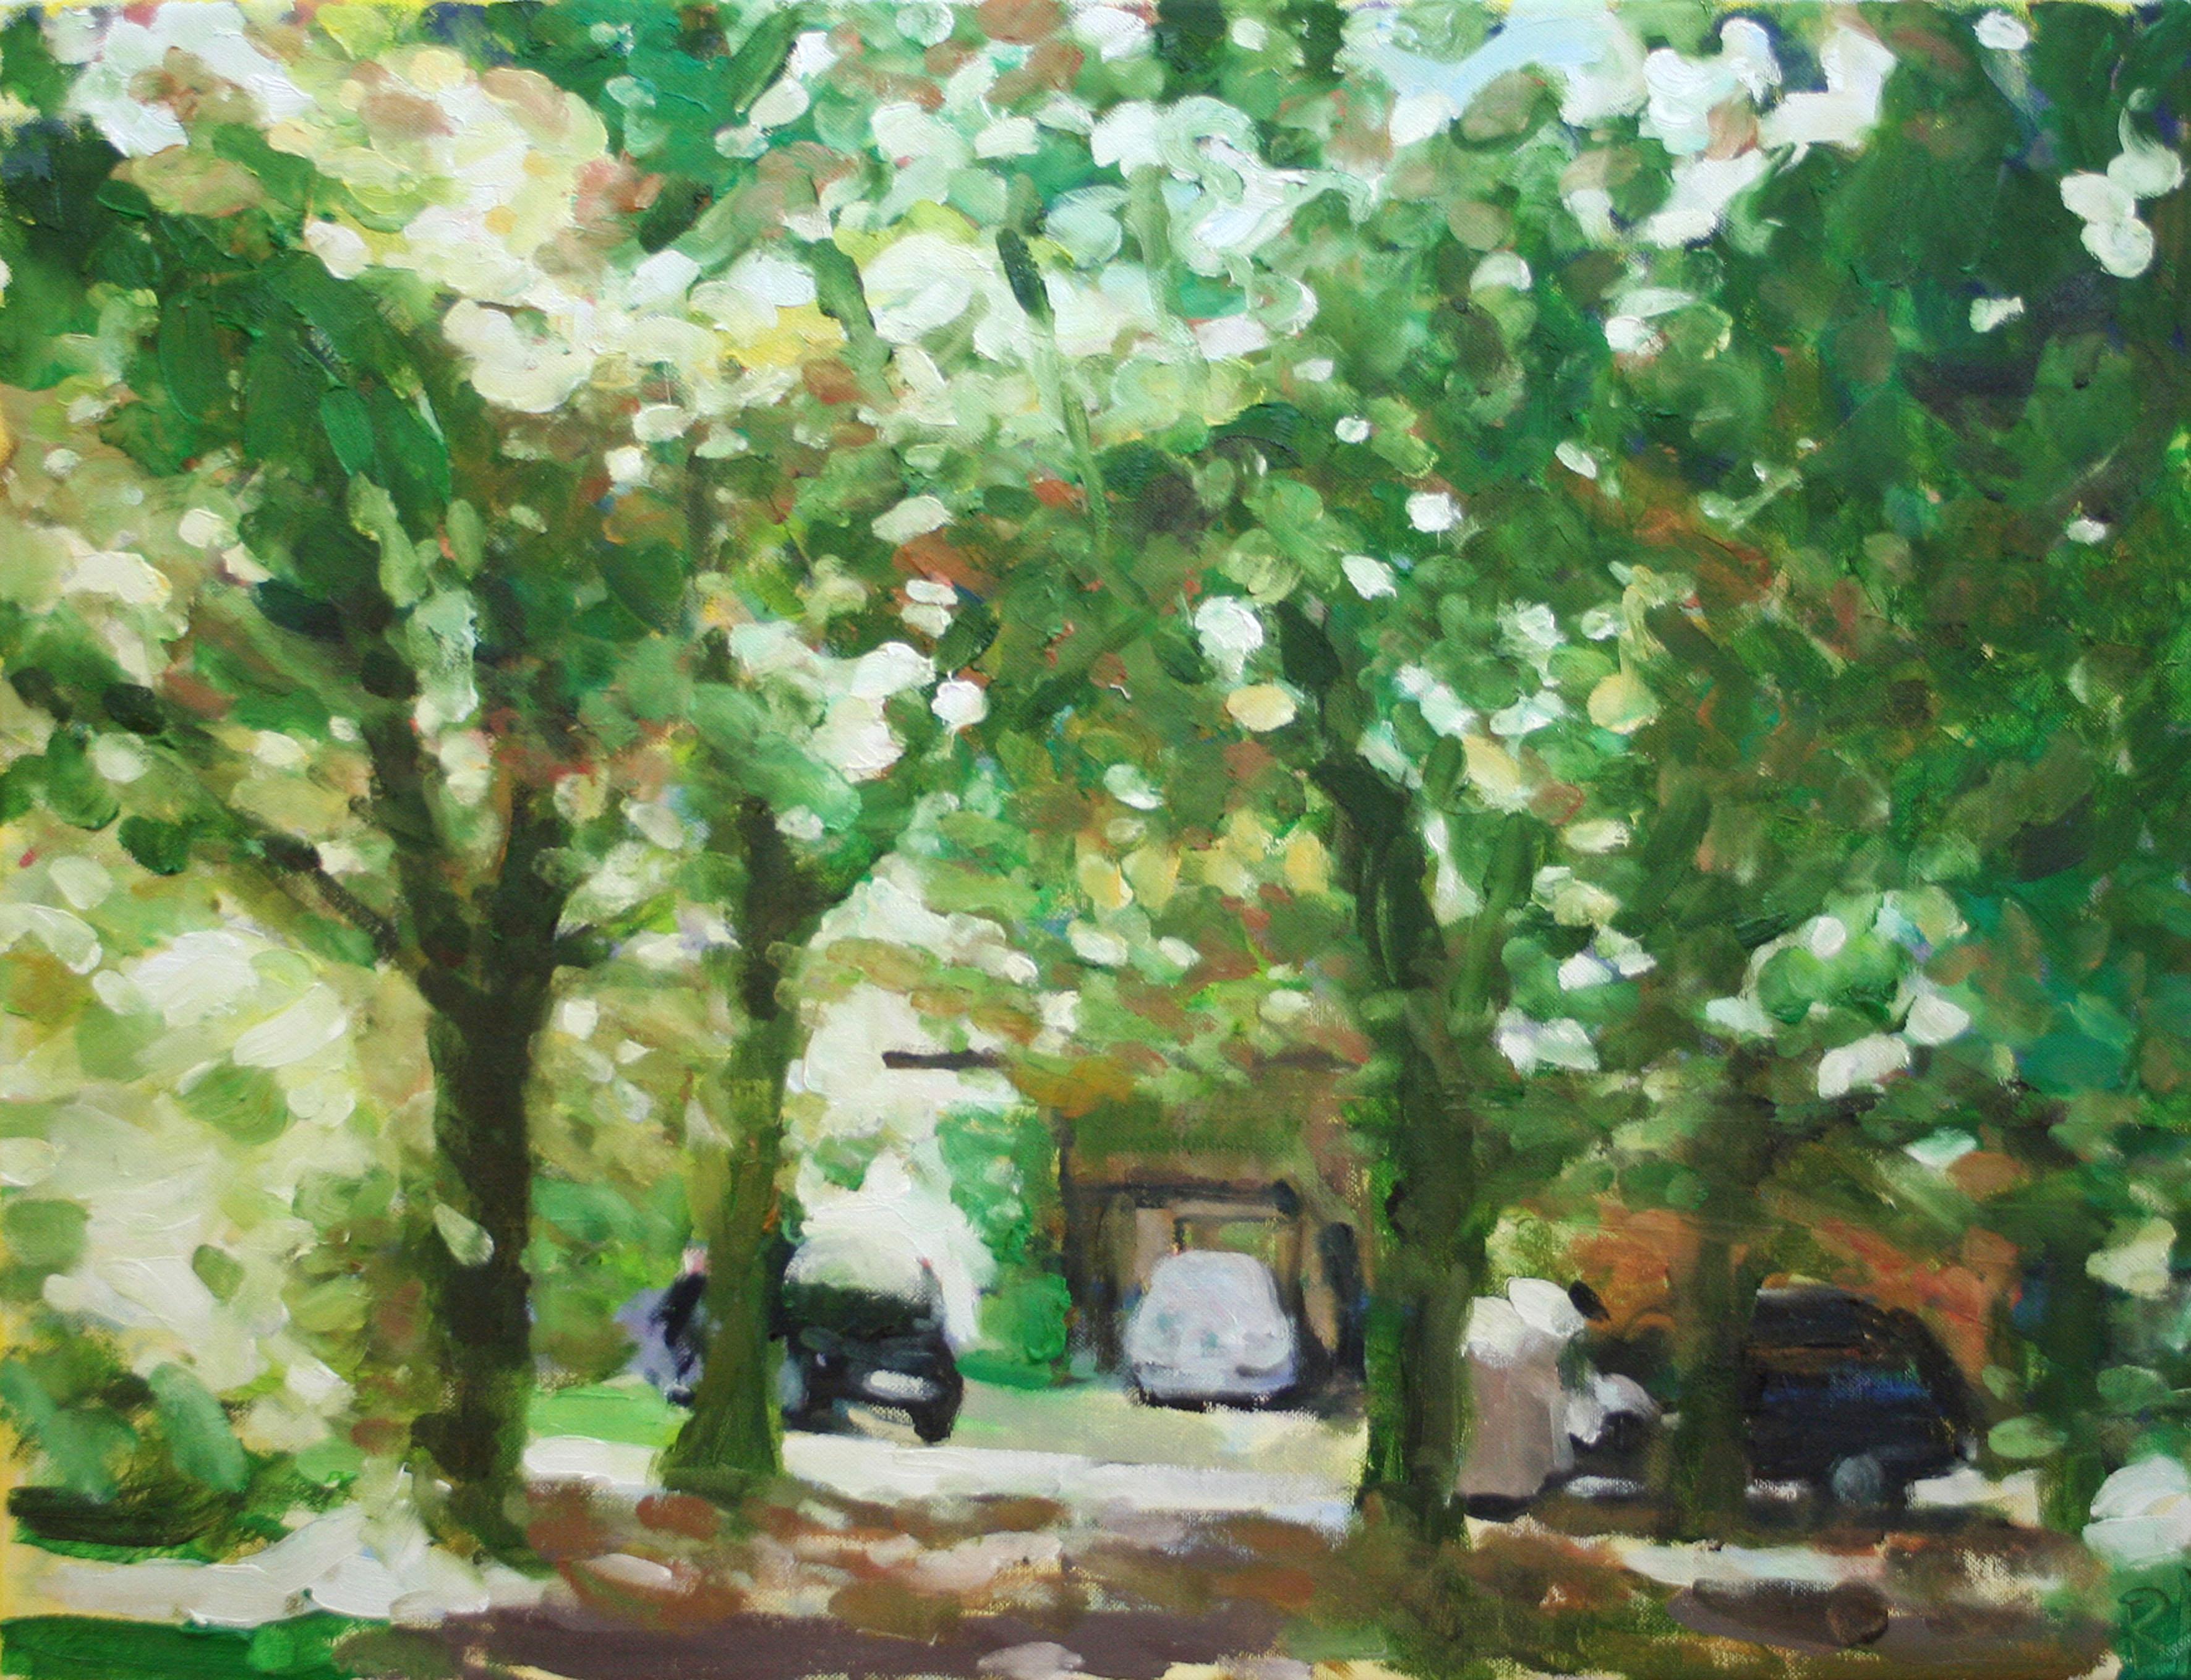 Grächwil, Autos unter Bäumen